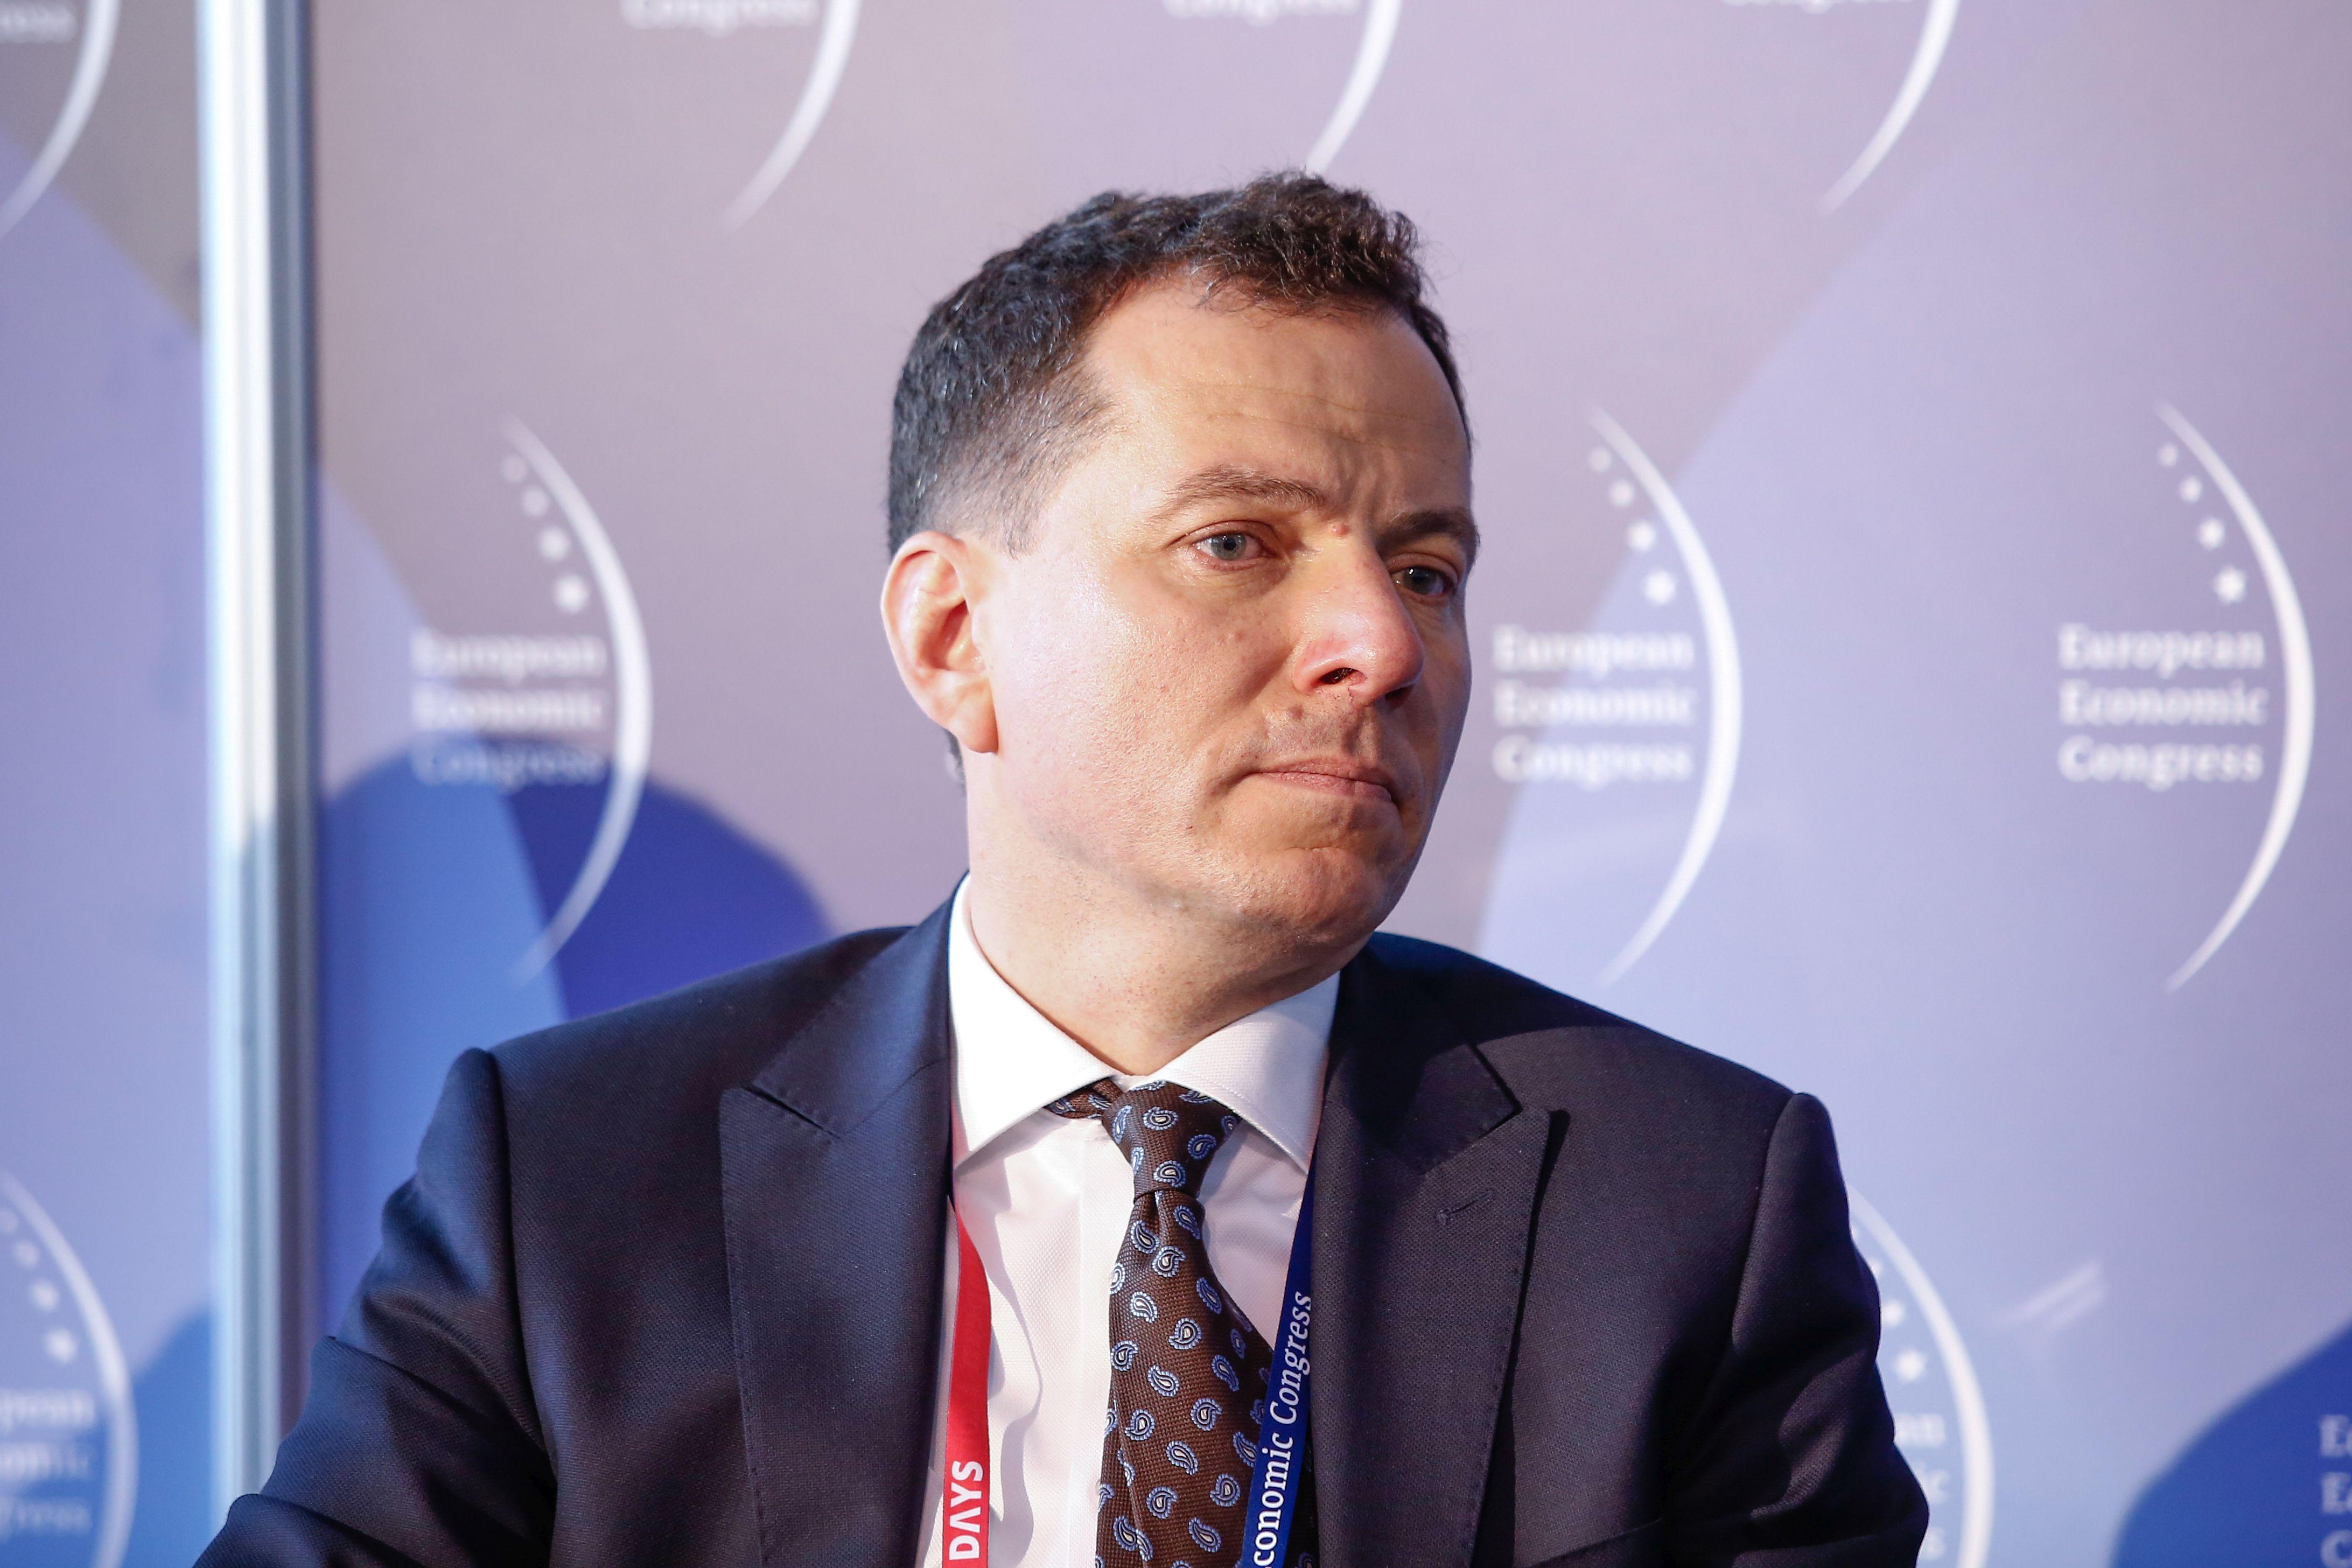 Łukasz Berak, radca prawny i partner w kancelarii Sołtysiński Kawecki & Szlęzak (fot. PTWP)